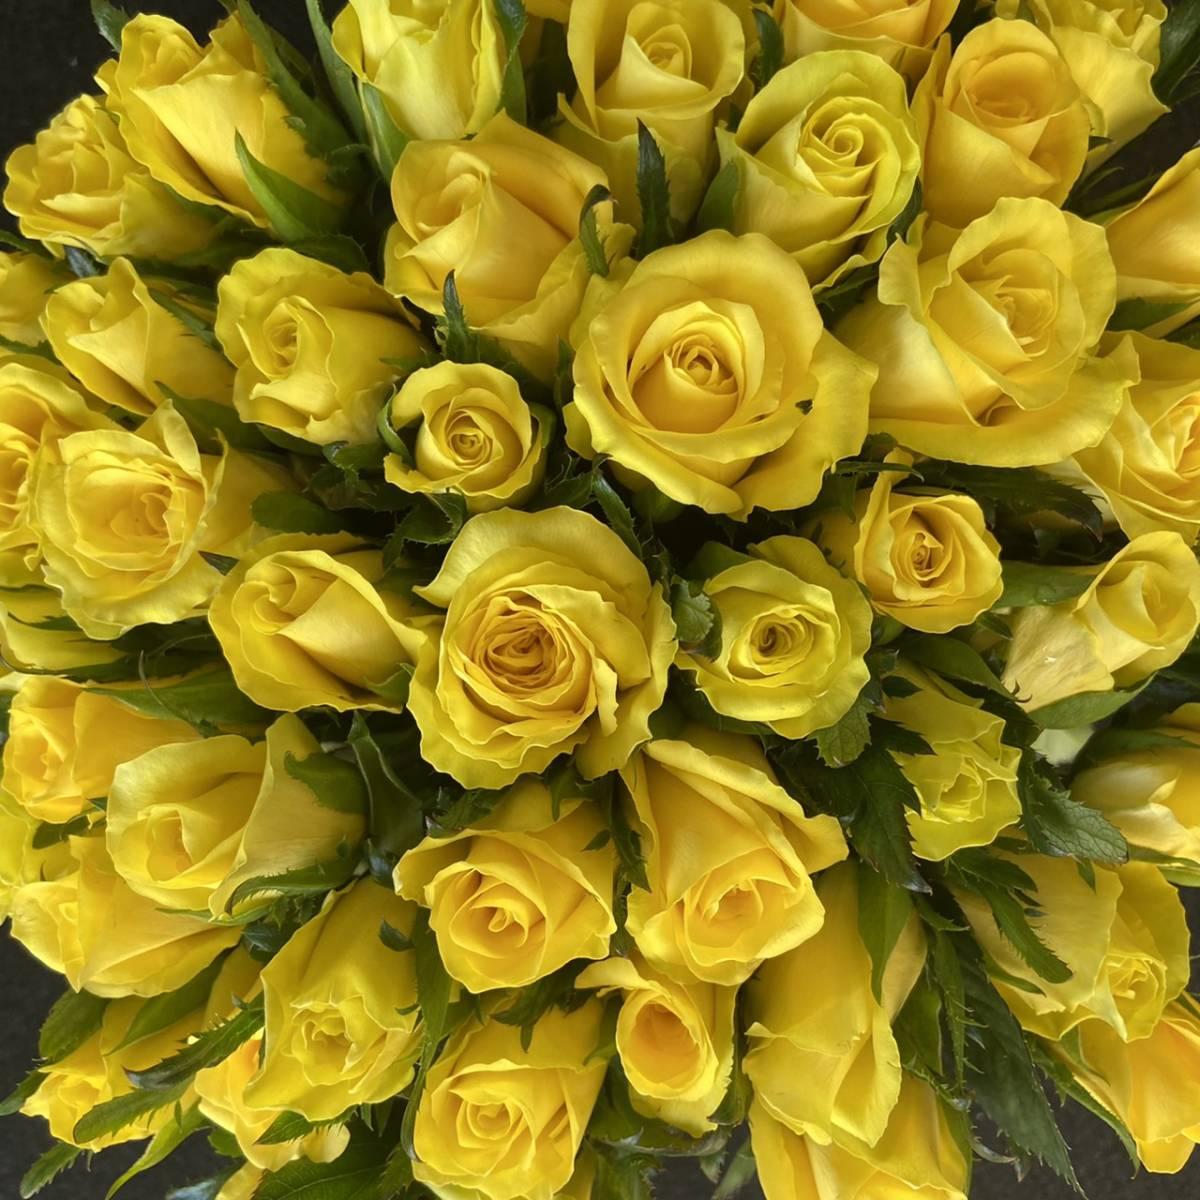 バラ (切り花・生花)ゴールドラッシュ(鮮やかな黄色)20㎝ 70本 鮮度抜群・産地直送!